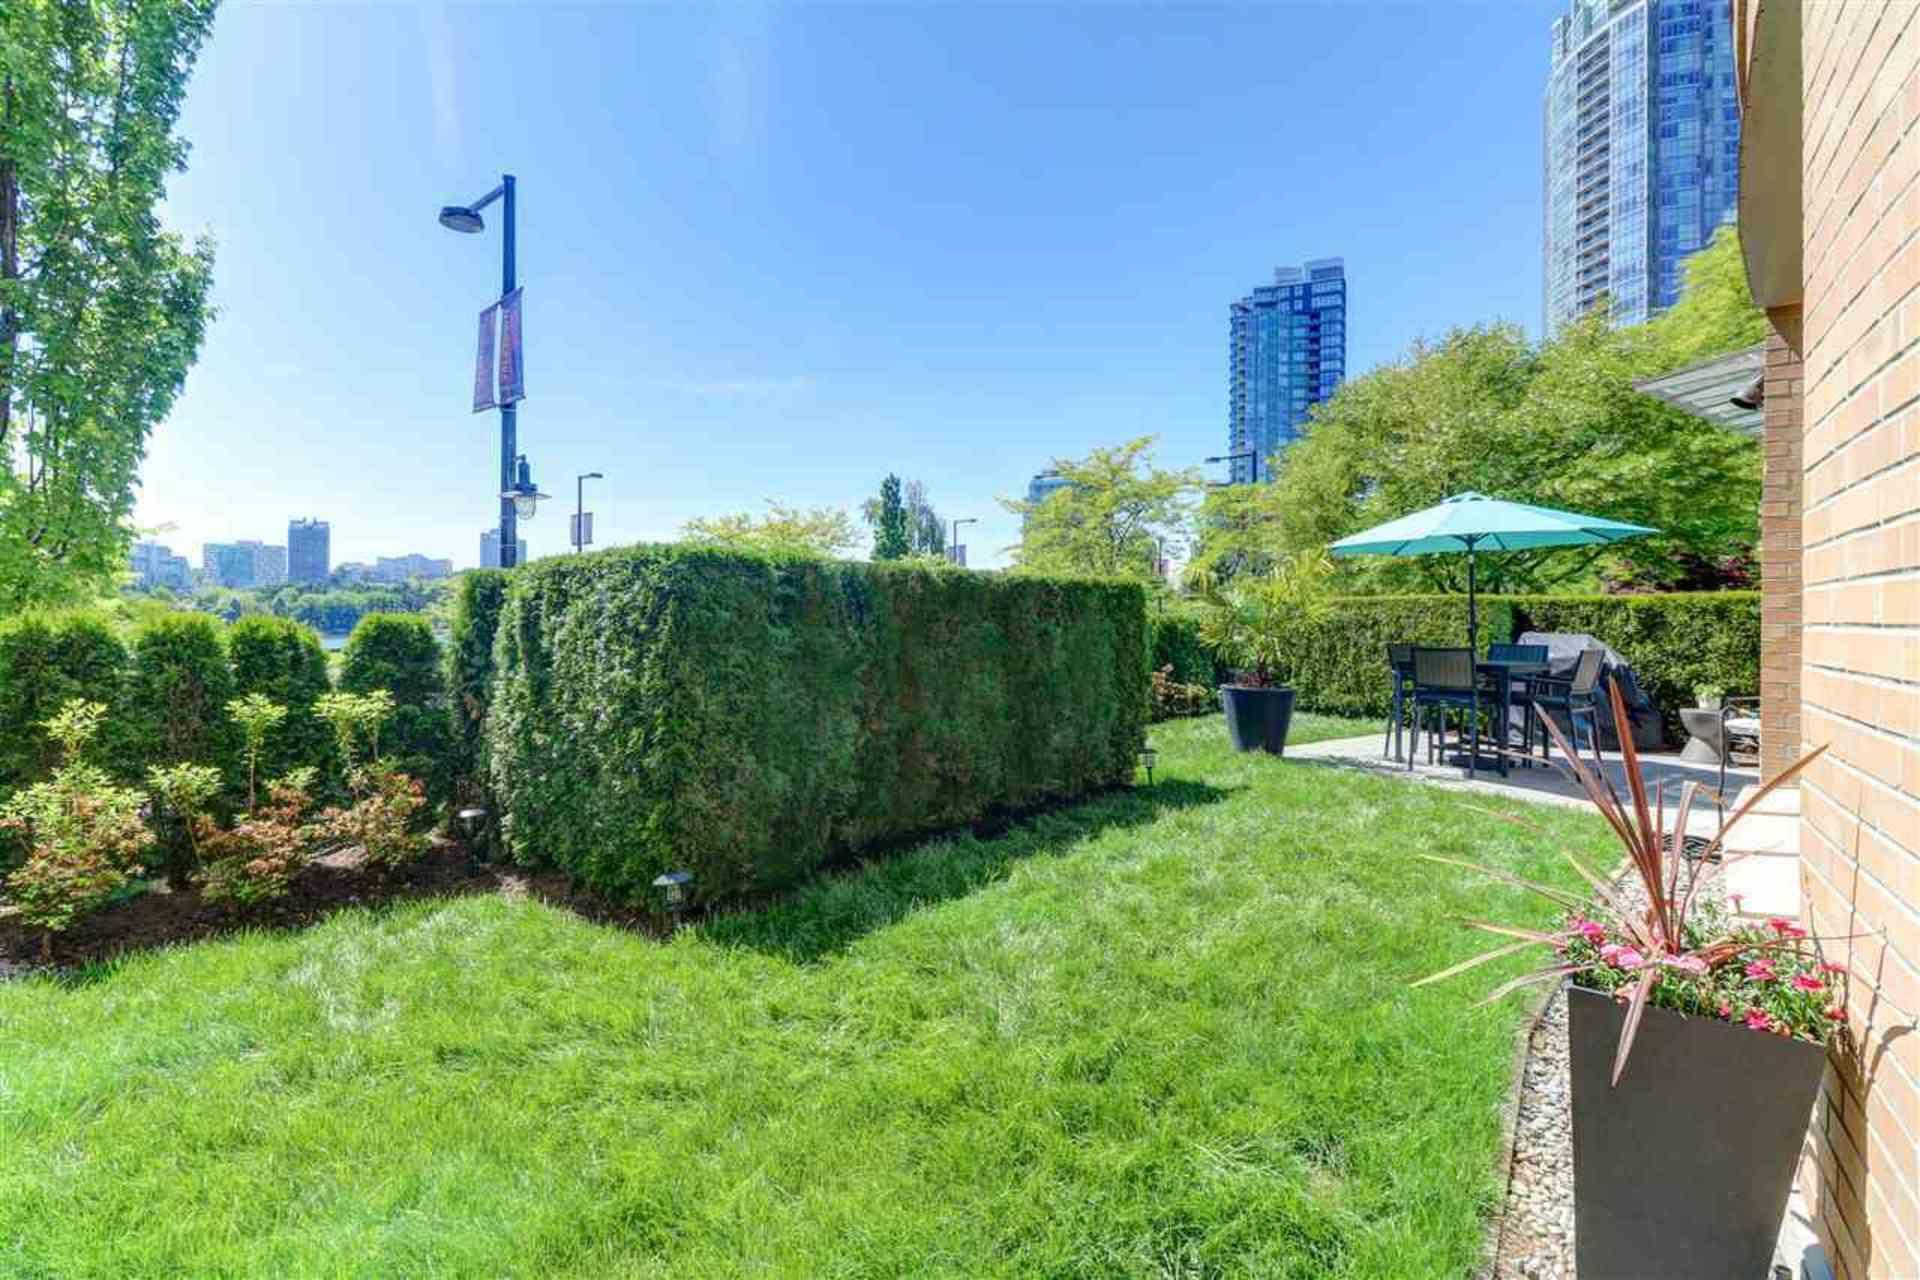 388-drake-street-yaletown-vancouver-west-26 at 103 - 388 Drake Street, Yaletown, Vancouver West